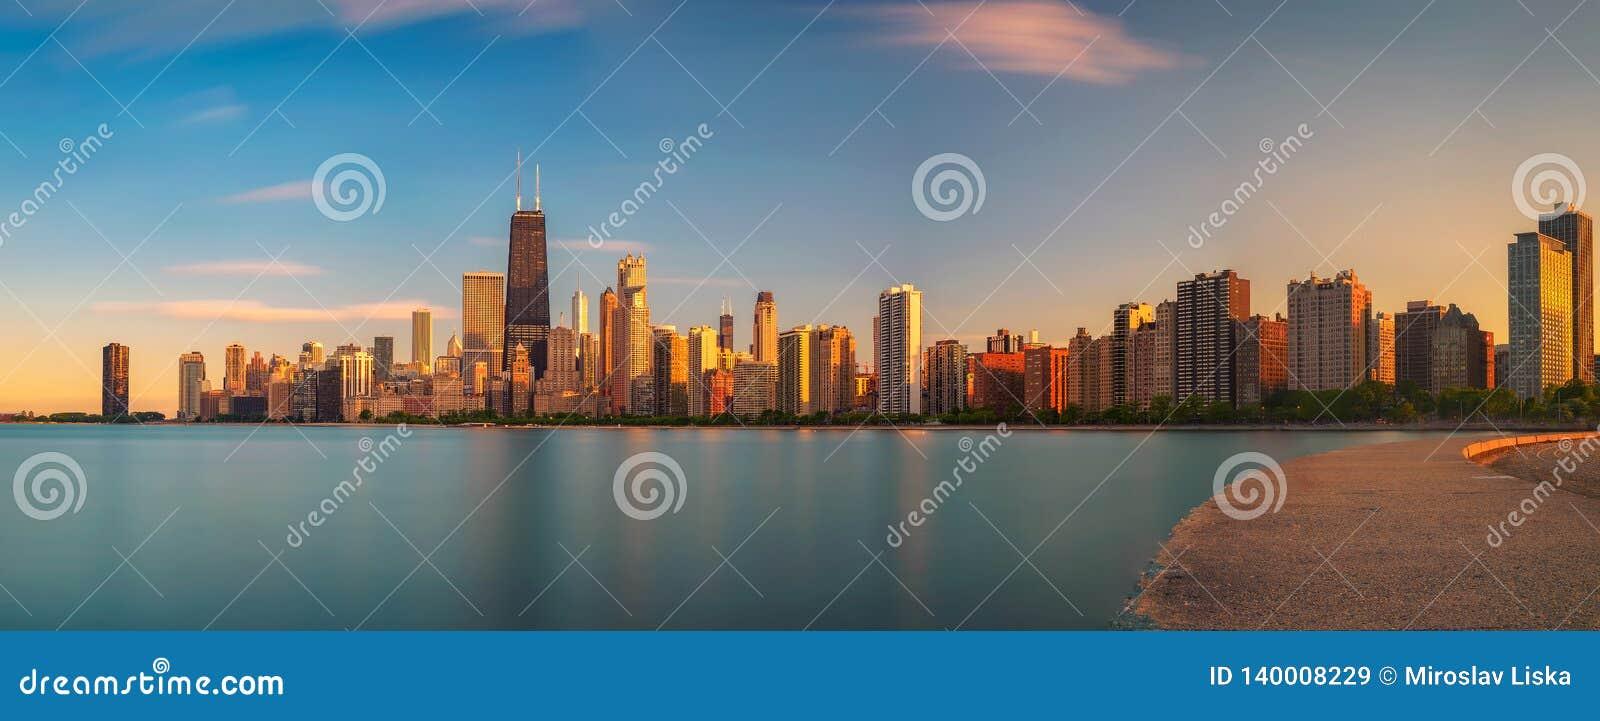 Ορίζοντας του Σικάγου στο ηλιοβασίλεμα που αντιμετωπίζεται από την παραλία βόρειων λεωφόρων